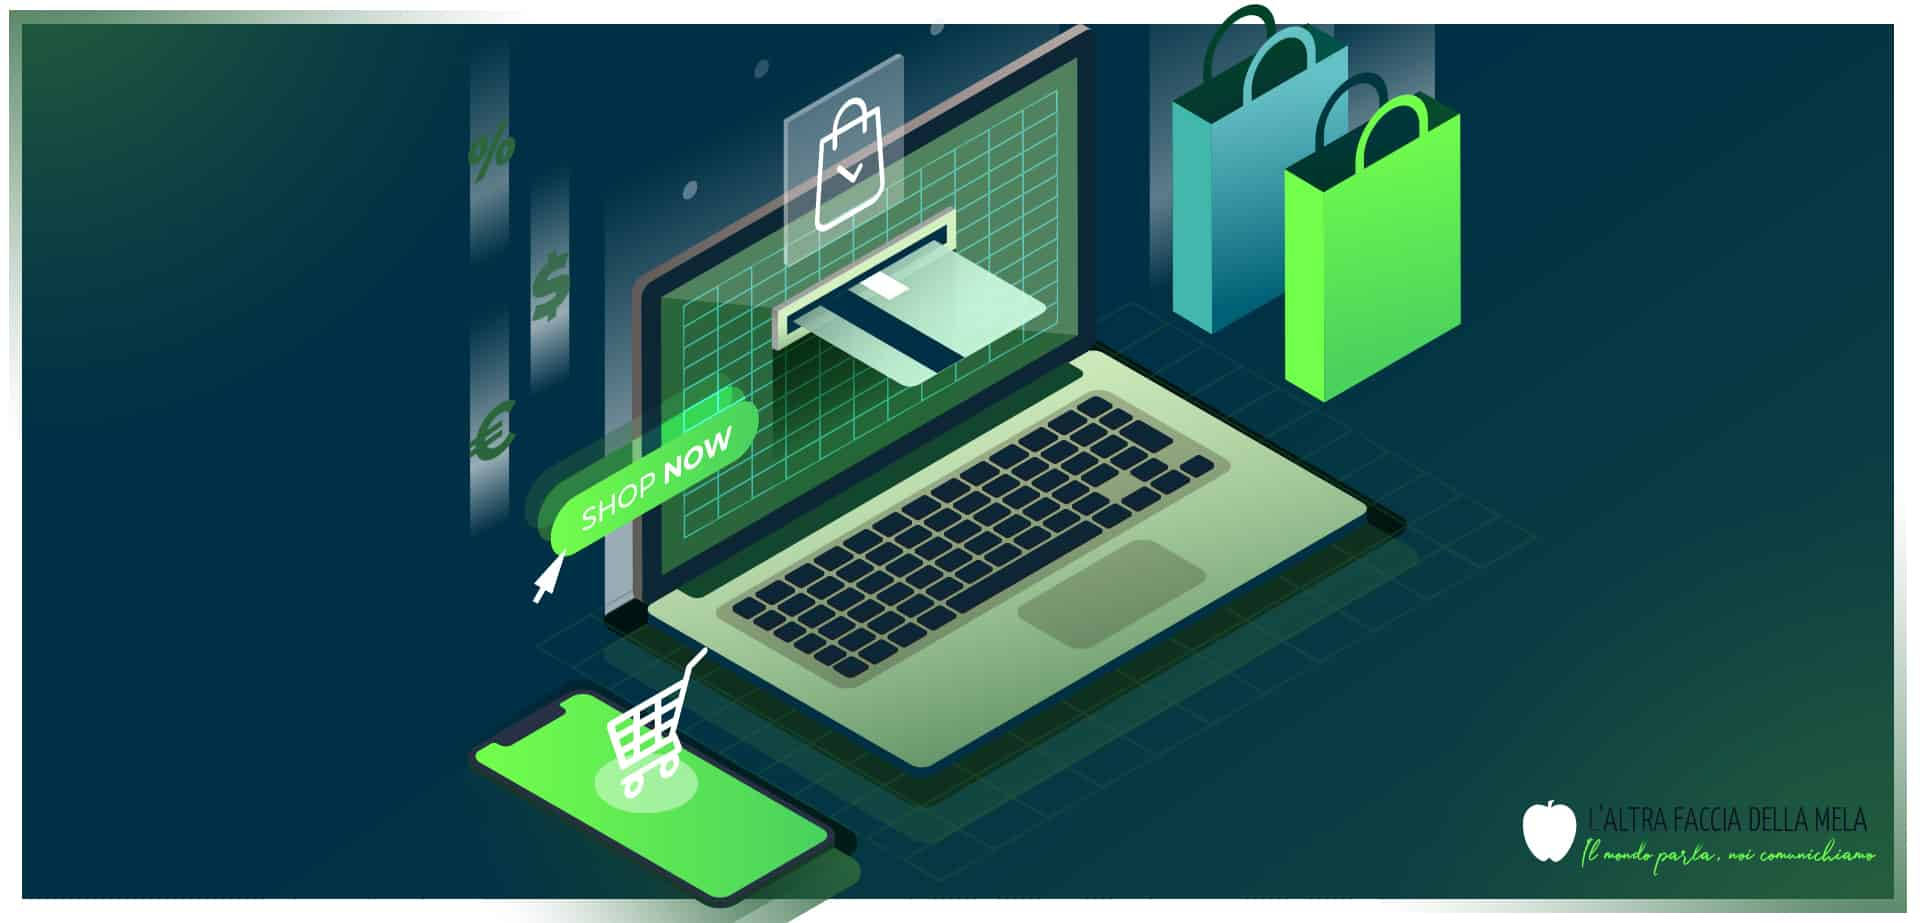 Quanto costa un e-commerce nel 2021?